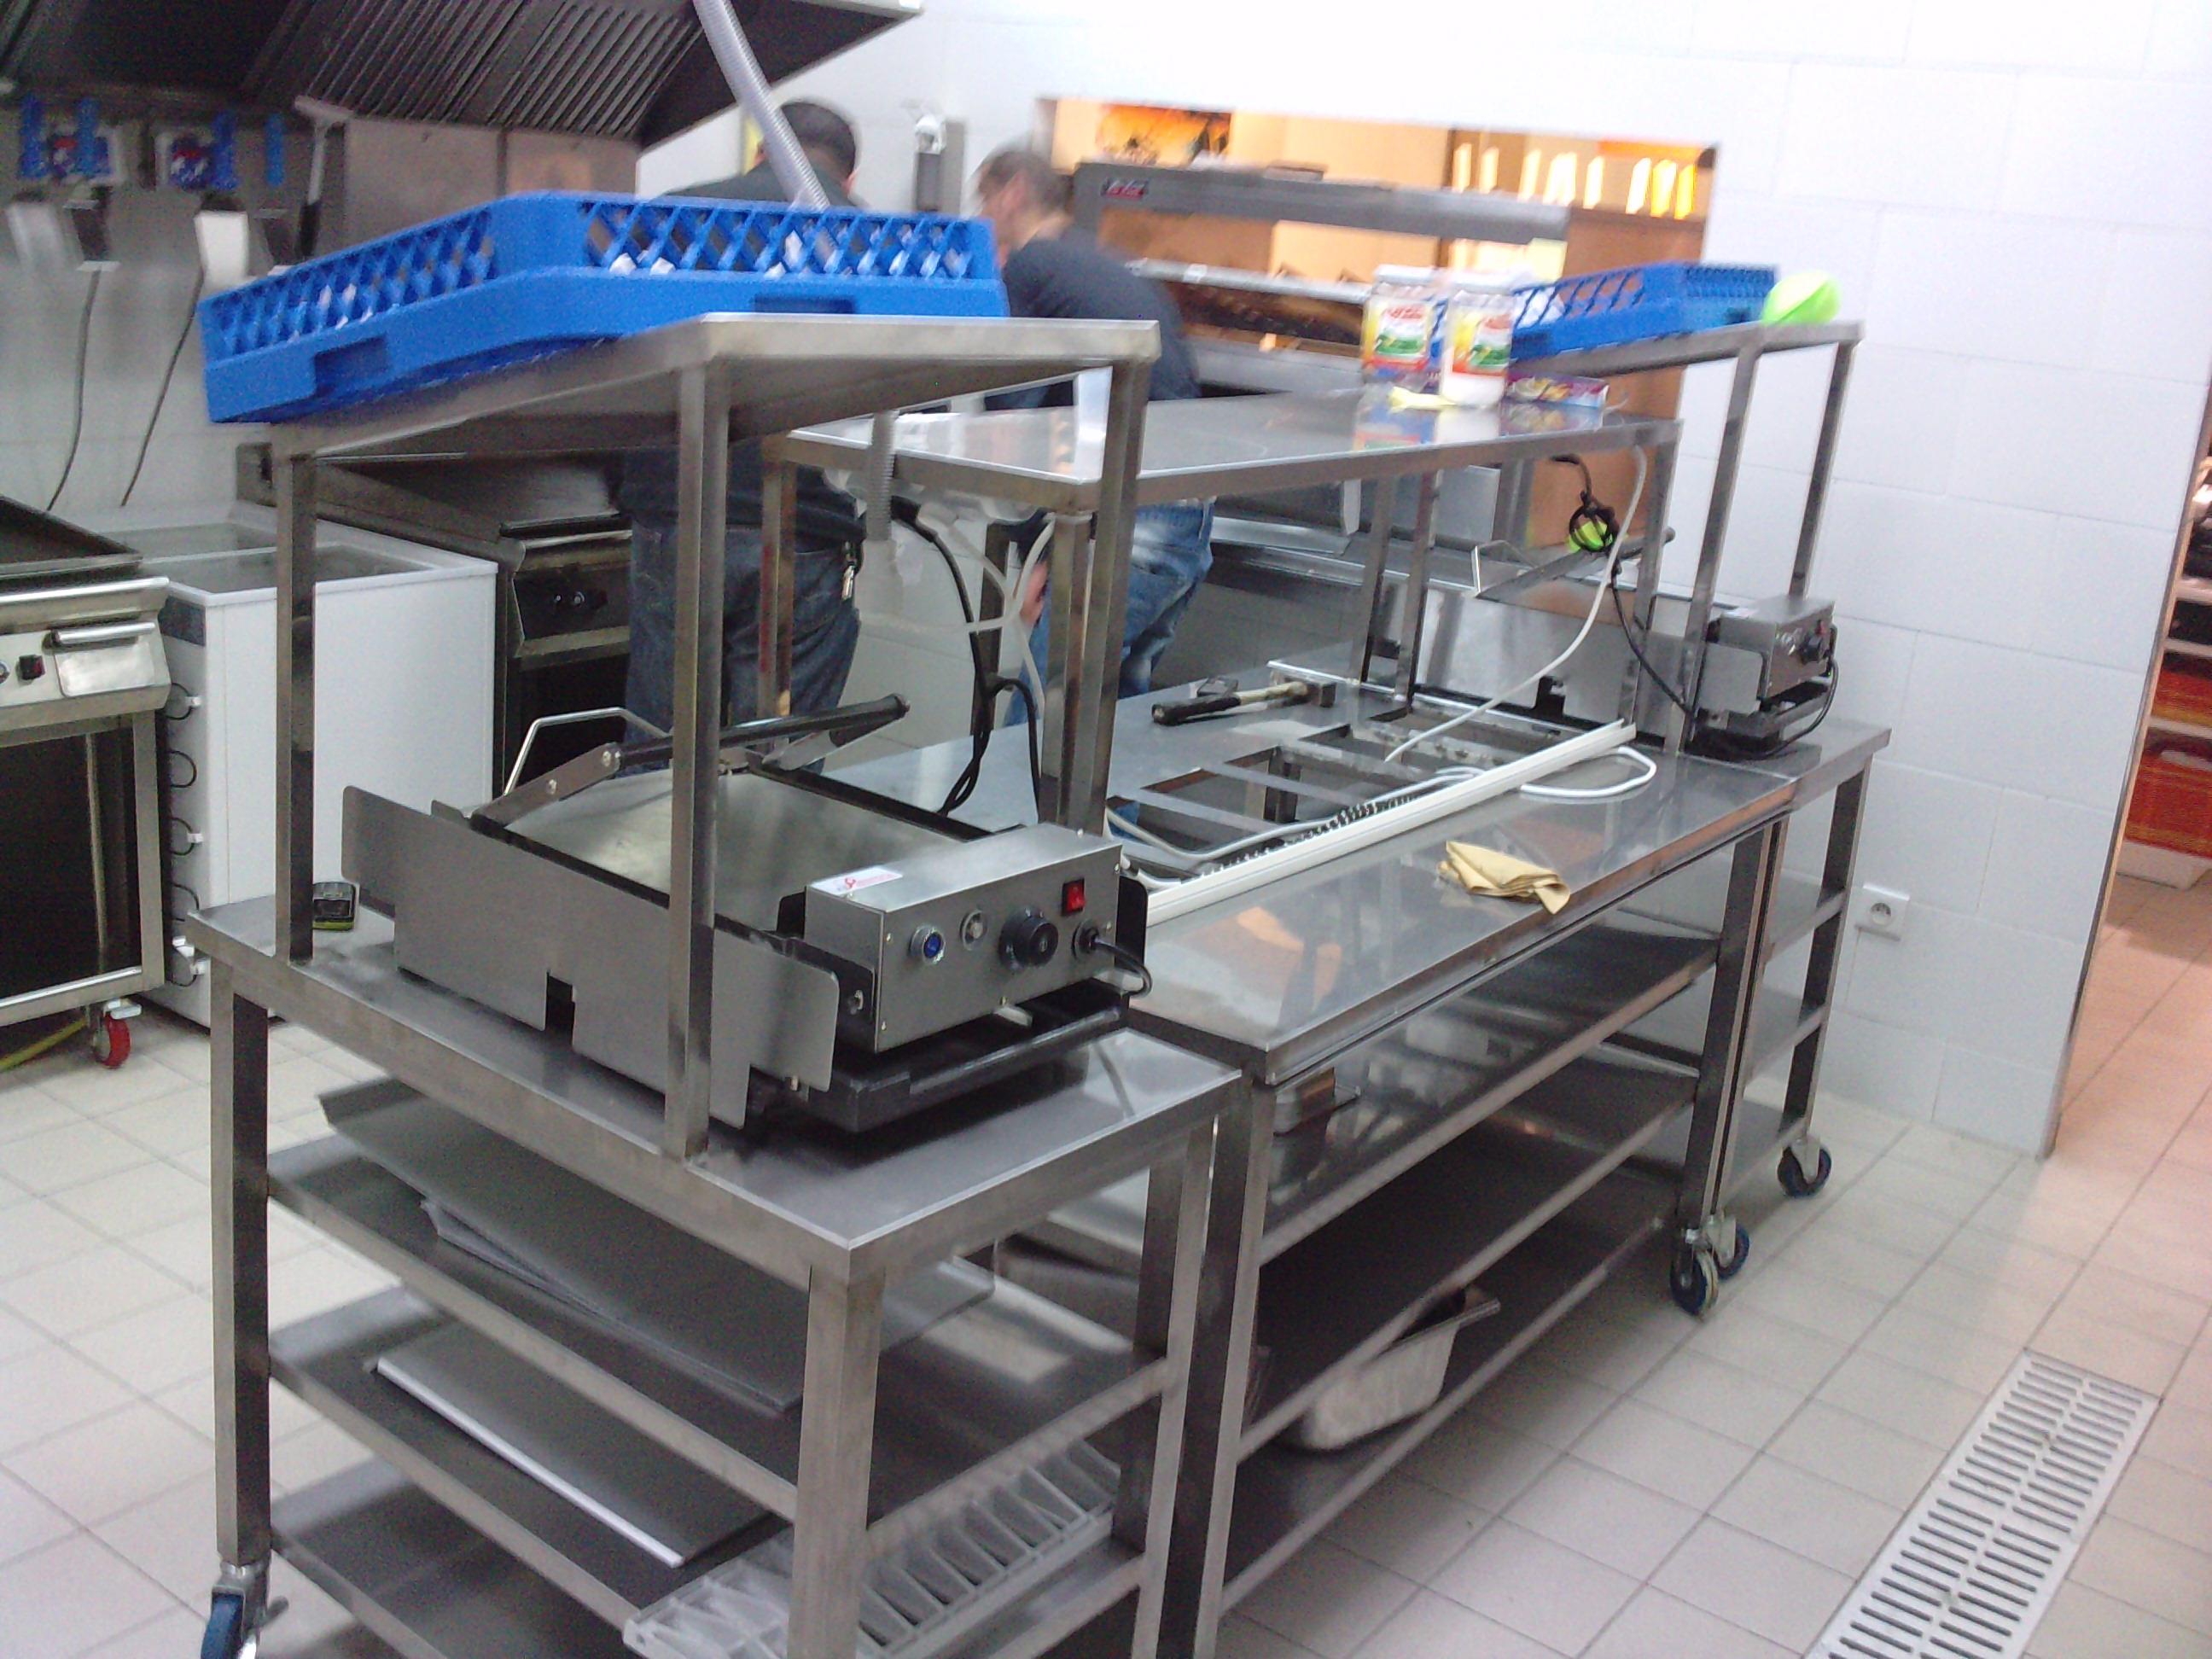 fabricant de materiel pour restaurants et cuisine de